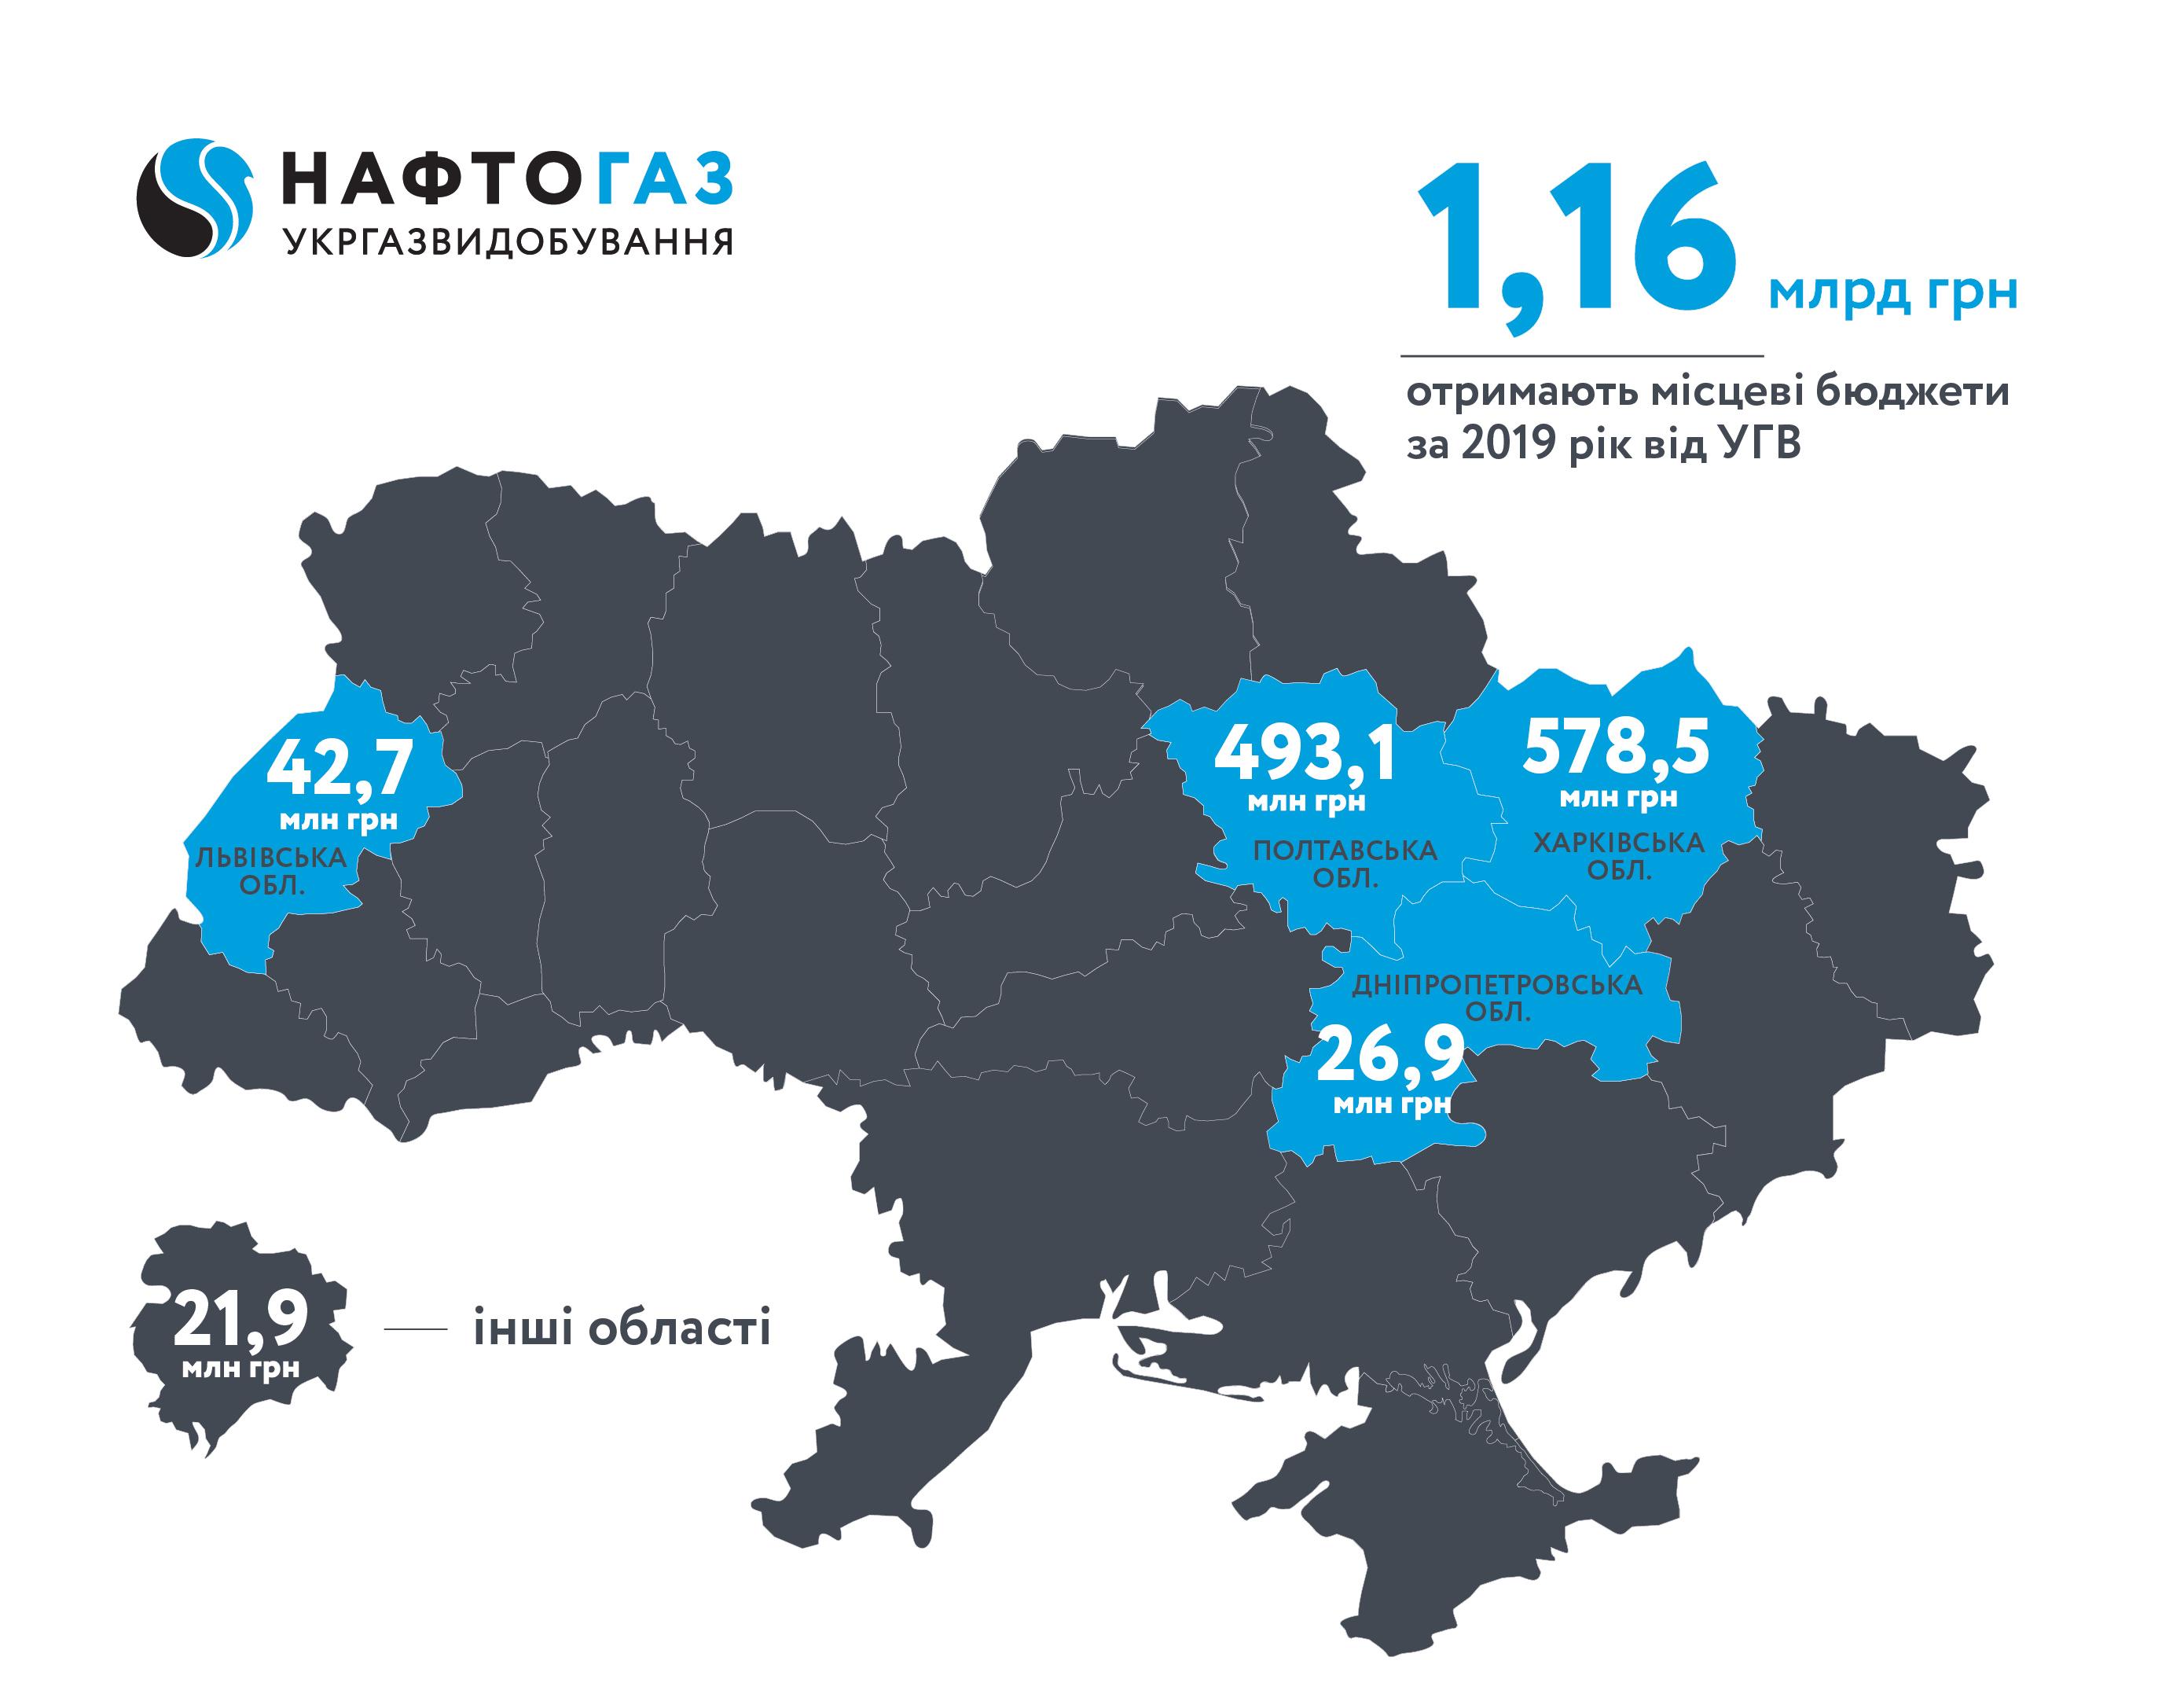 Укргаздобыча в течении 2019 года направила в местные бюджеты более 1,16 млрд грн рентных платежей